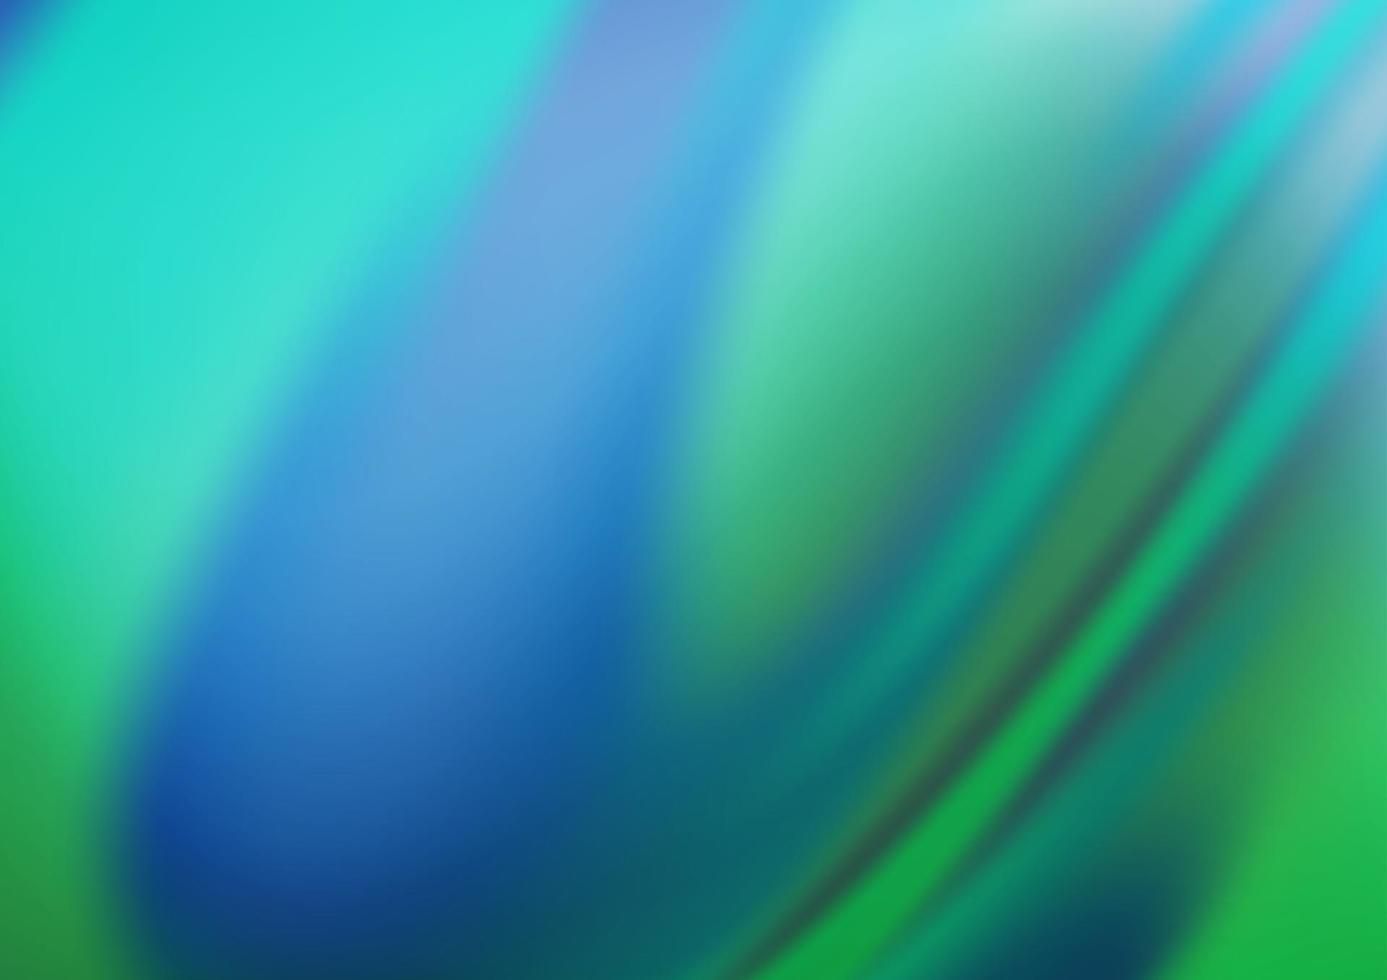 luz azul, verde vetor turva padrão brilhante.